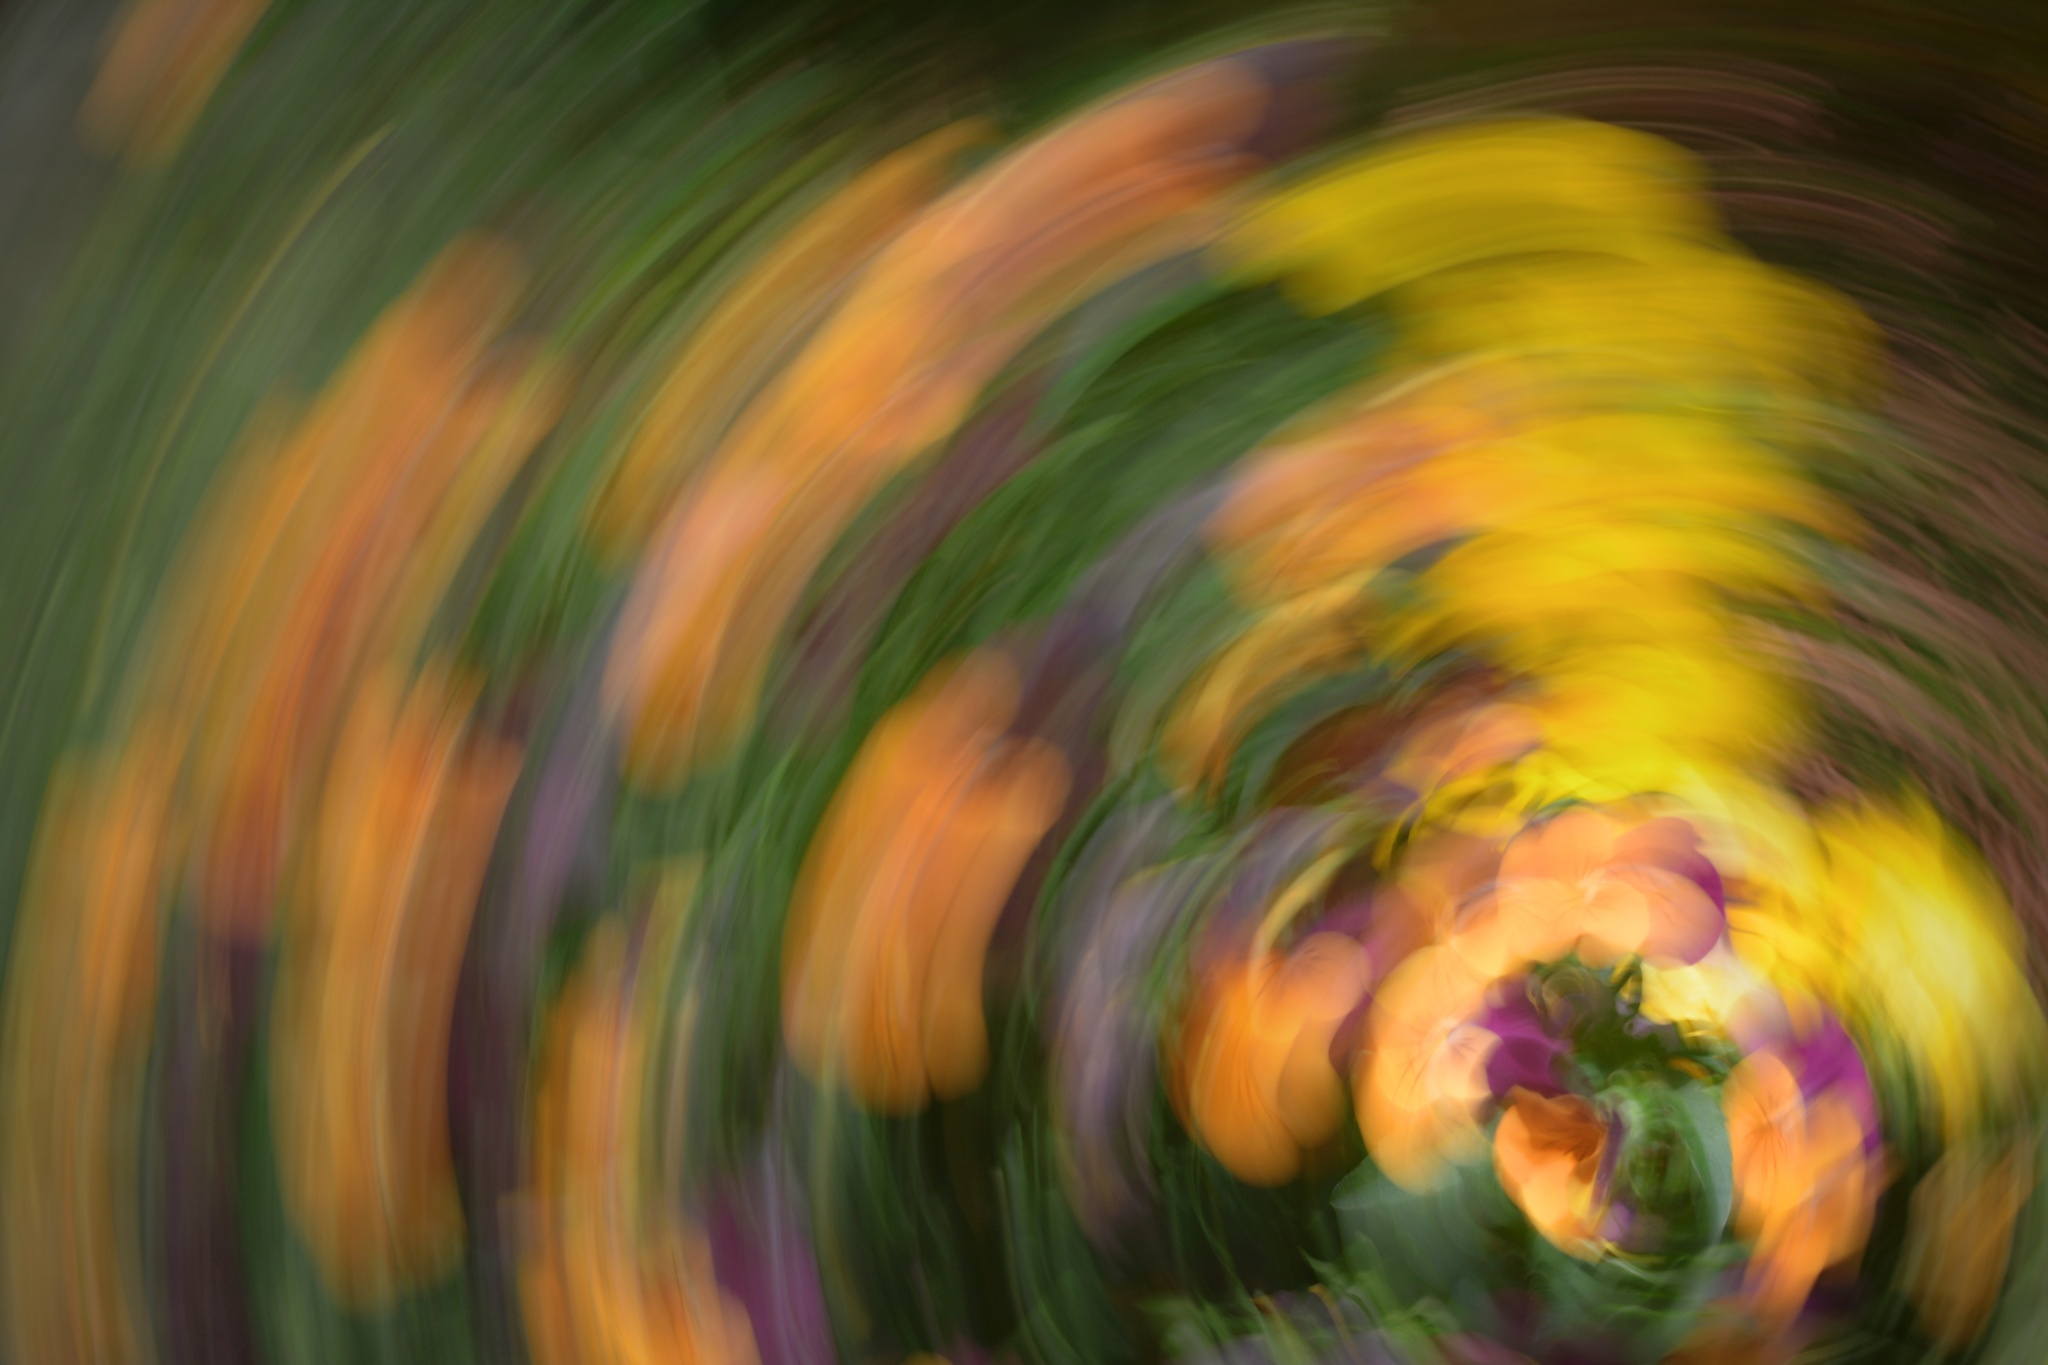 Fotografické experimenty s pohybem, které vám zamotají hlavu!